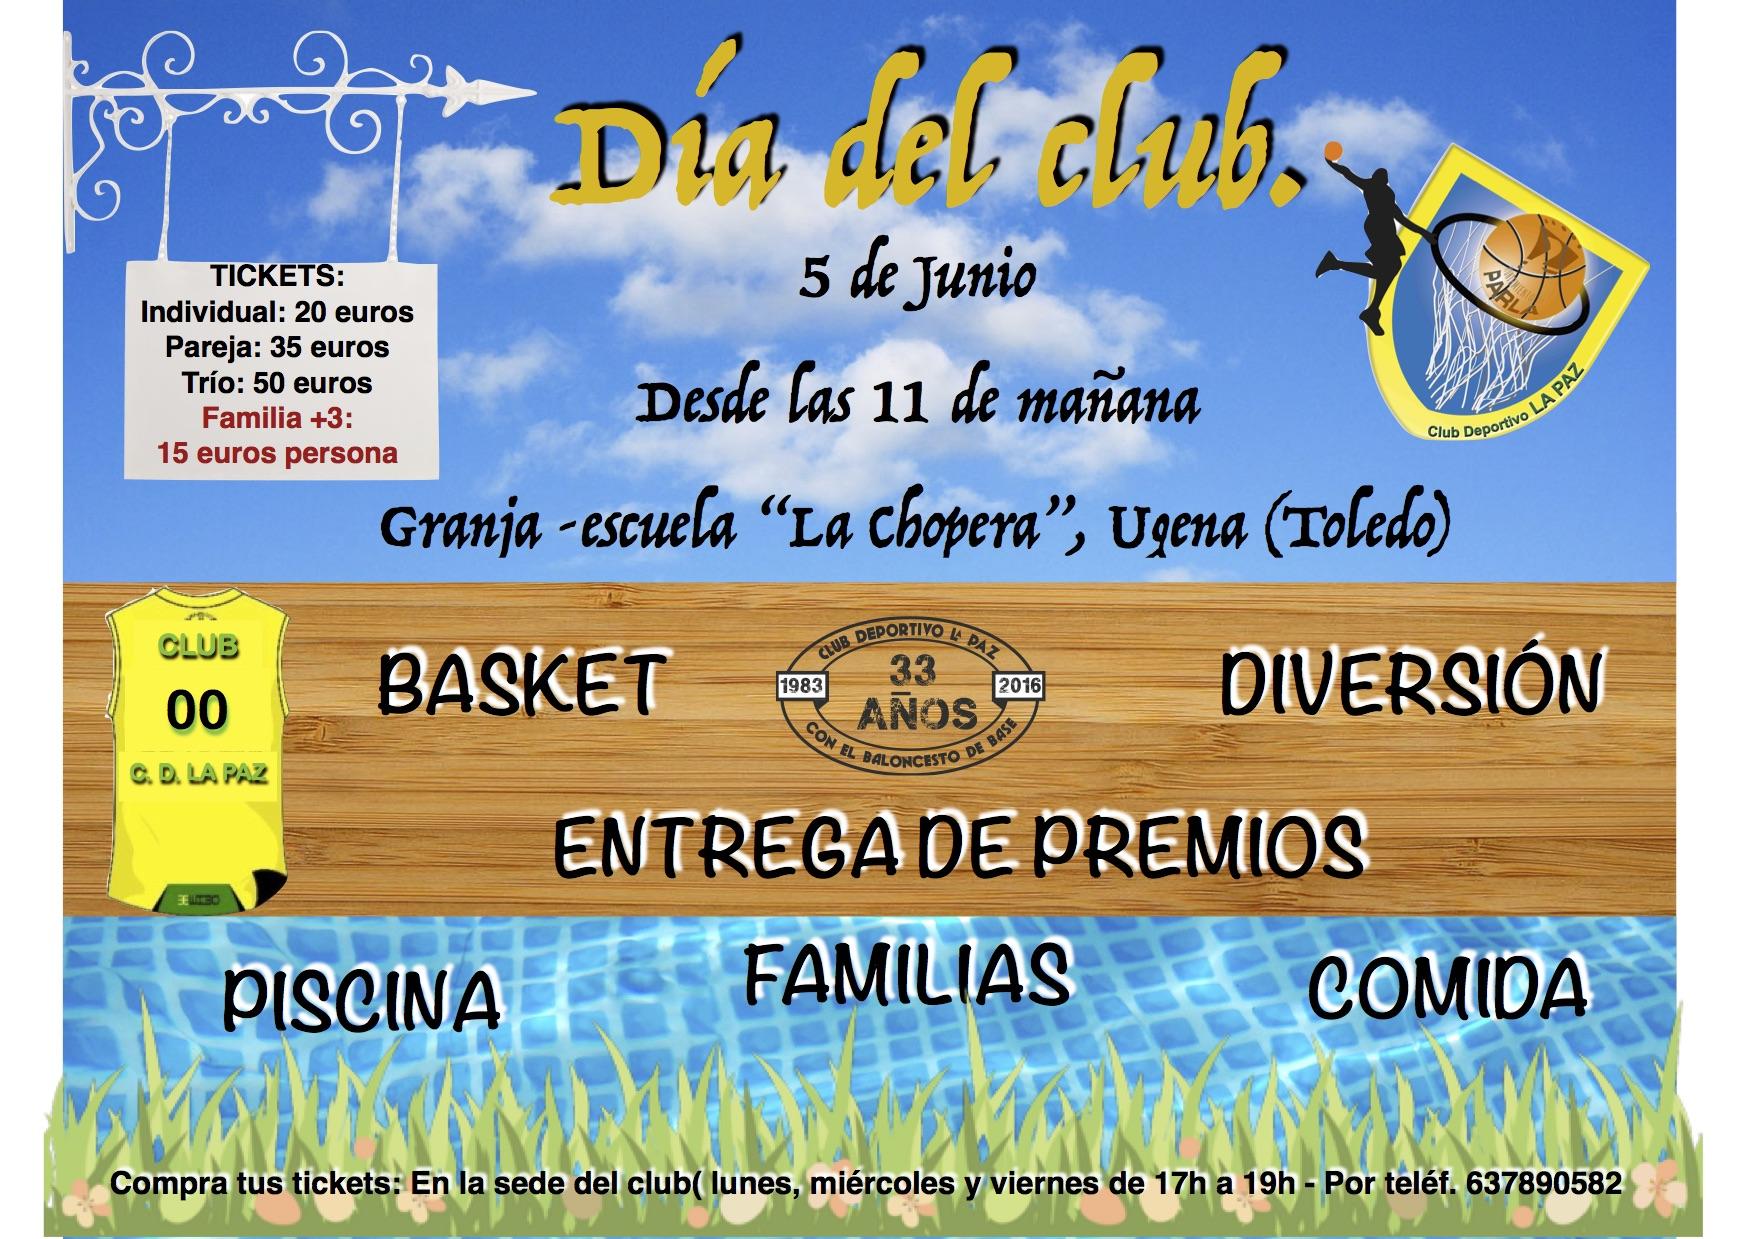 Día del club